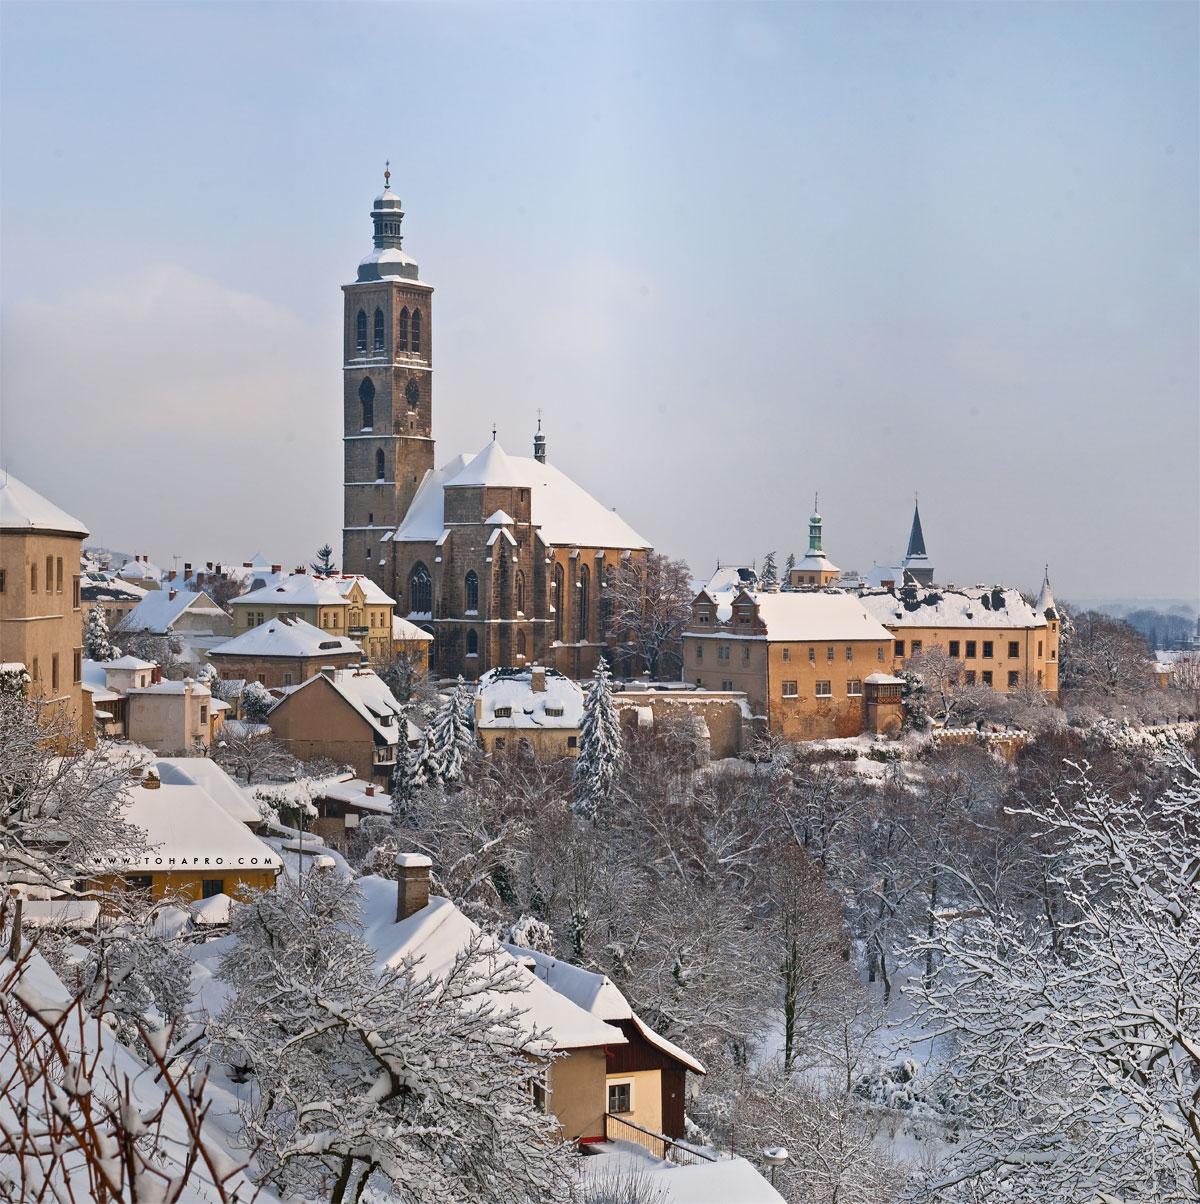 любую погоду кутна гора чехия достопримечательности работает зимой основная задача